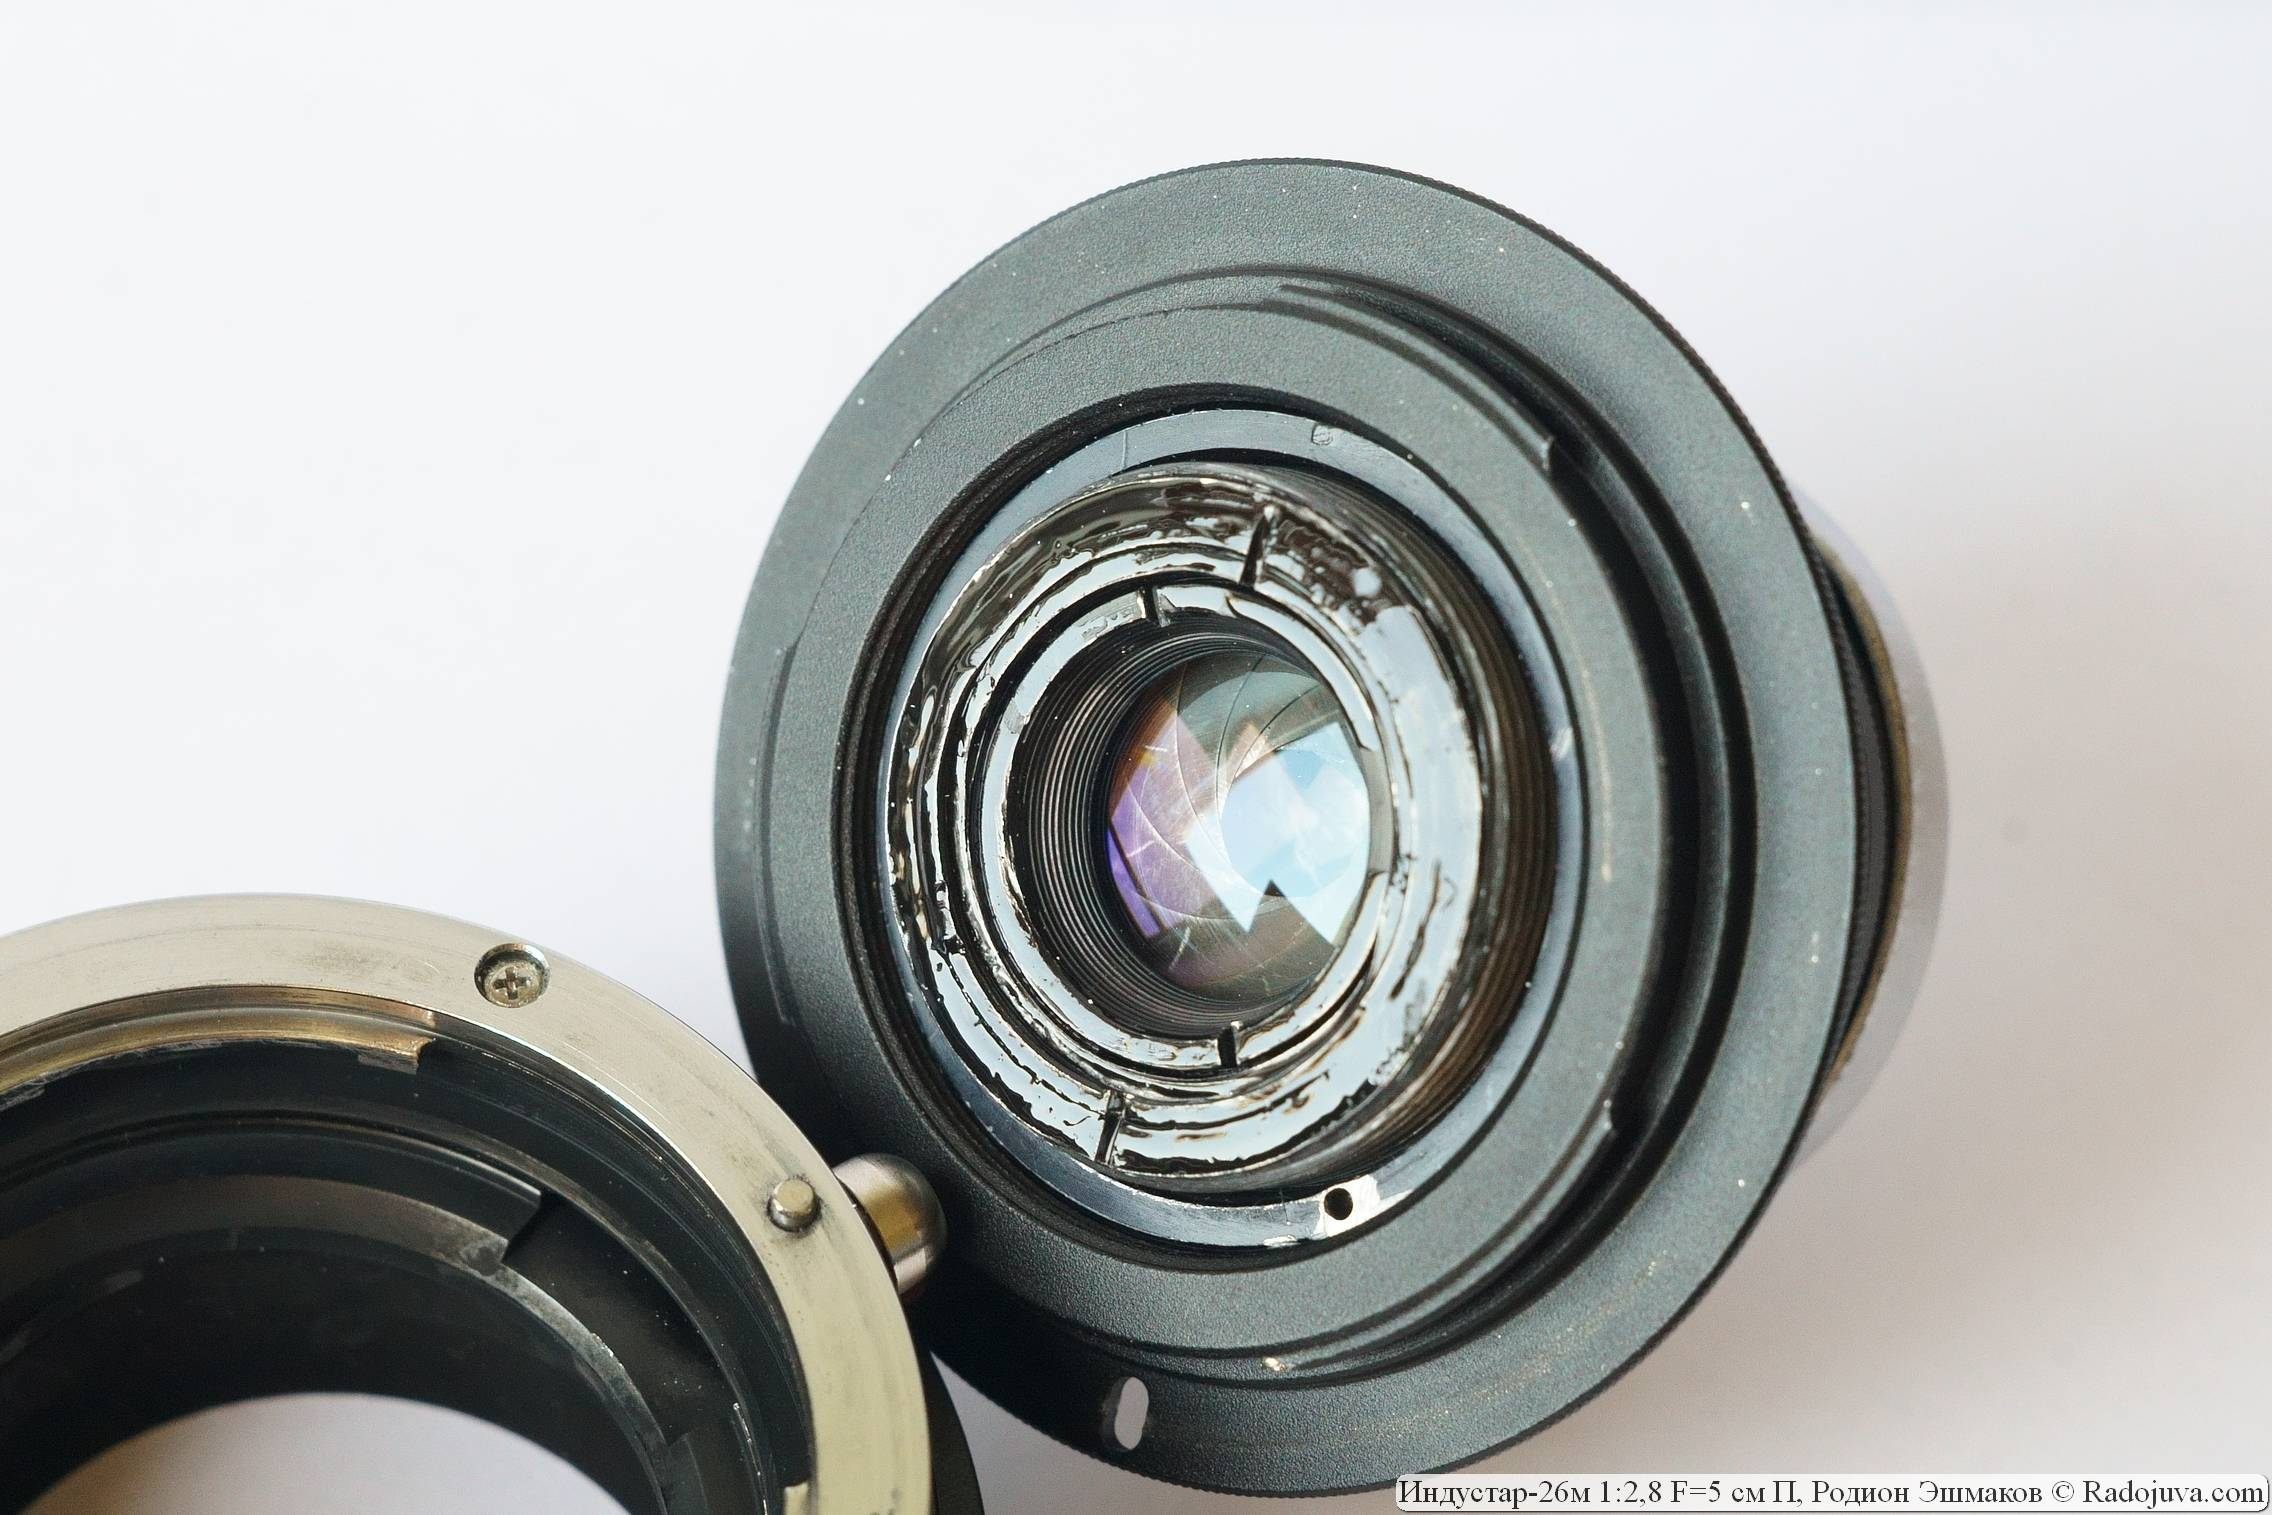 Часть геликоида выступает за пределы байонета EF переходника М42-EOS, потому с полнокадровыми зеркальными камерами объектив получился несовместим. Задняя часть объектива была матирована далее.